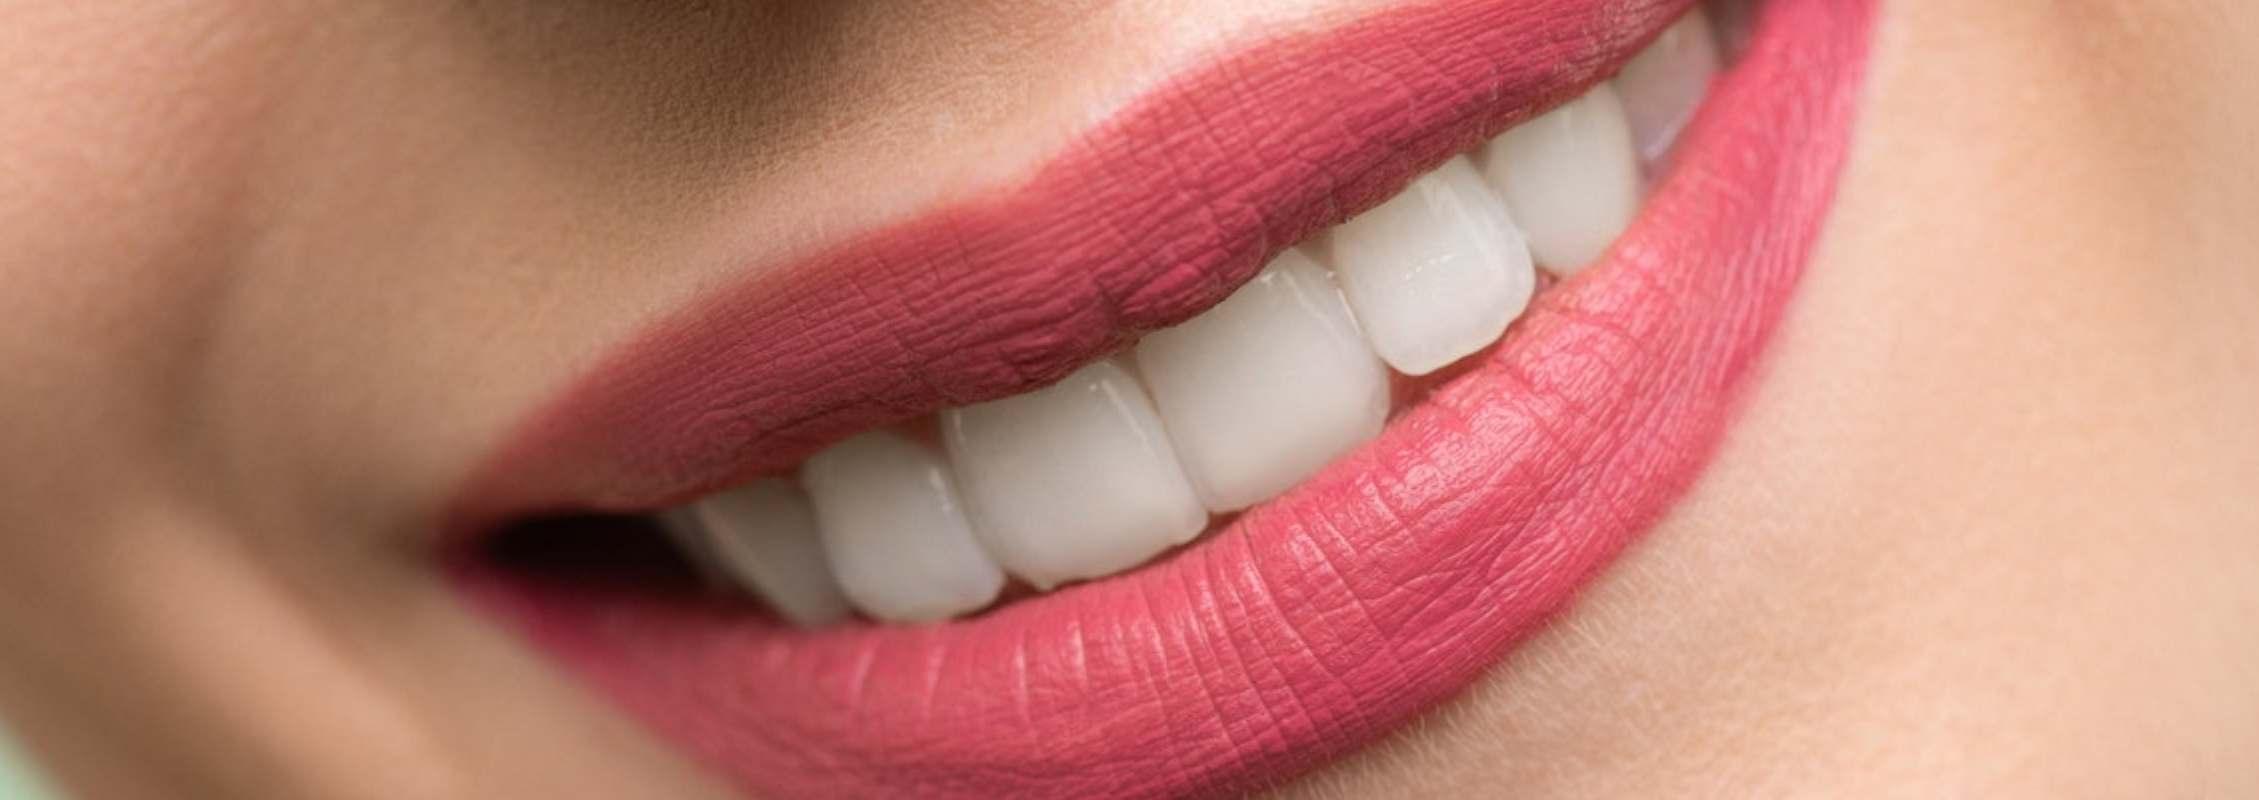 Descubre las prótesis dentales y los tipos que hay